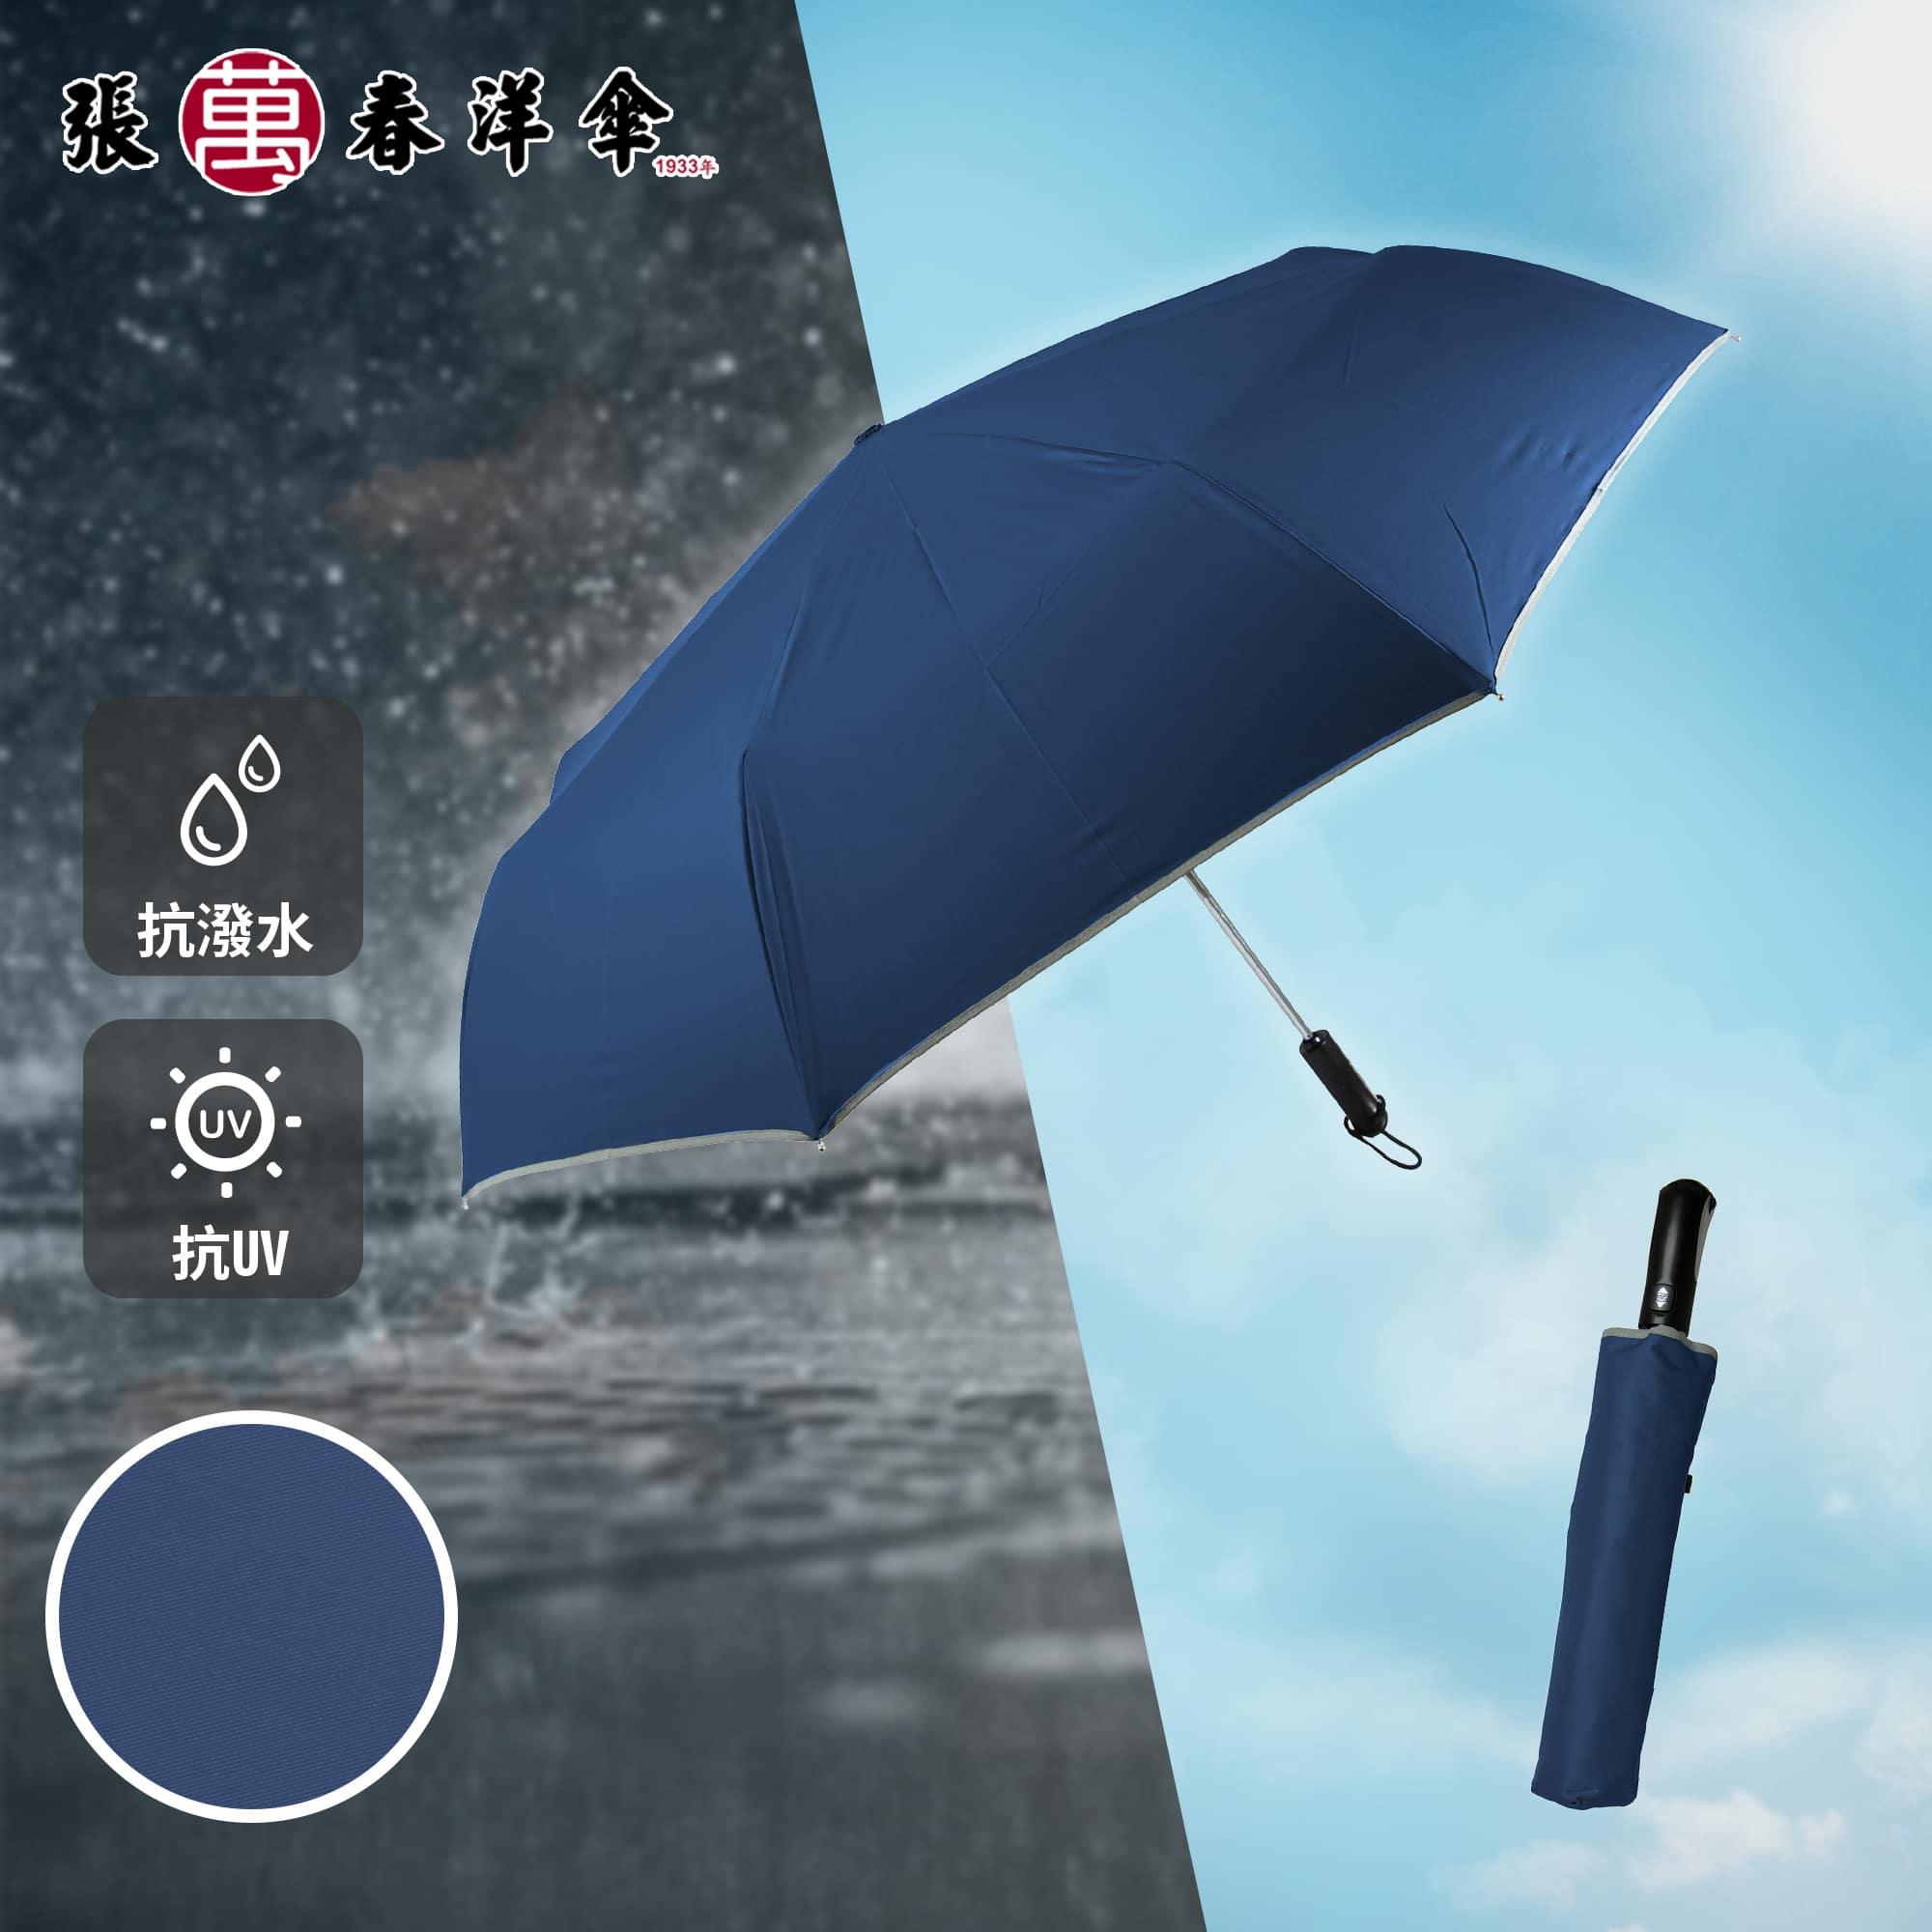 超大面奈米超撥水傘